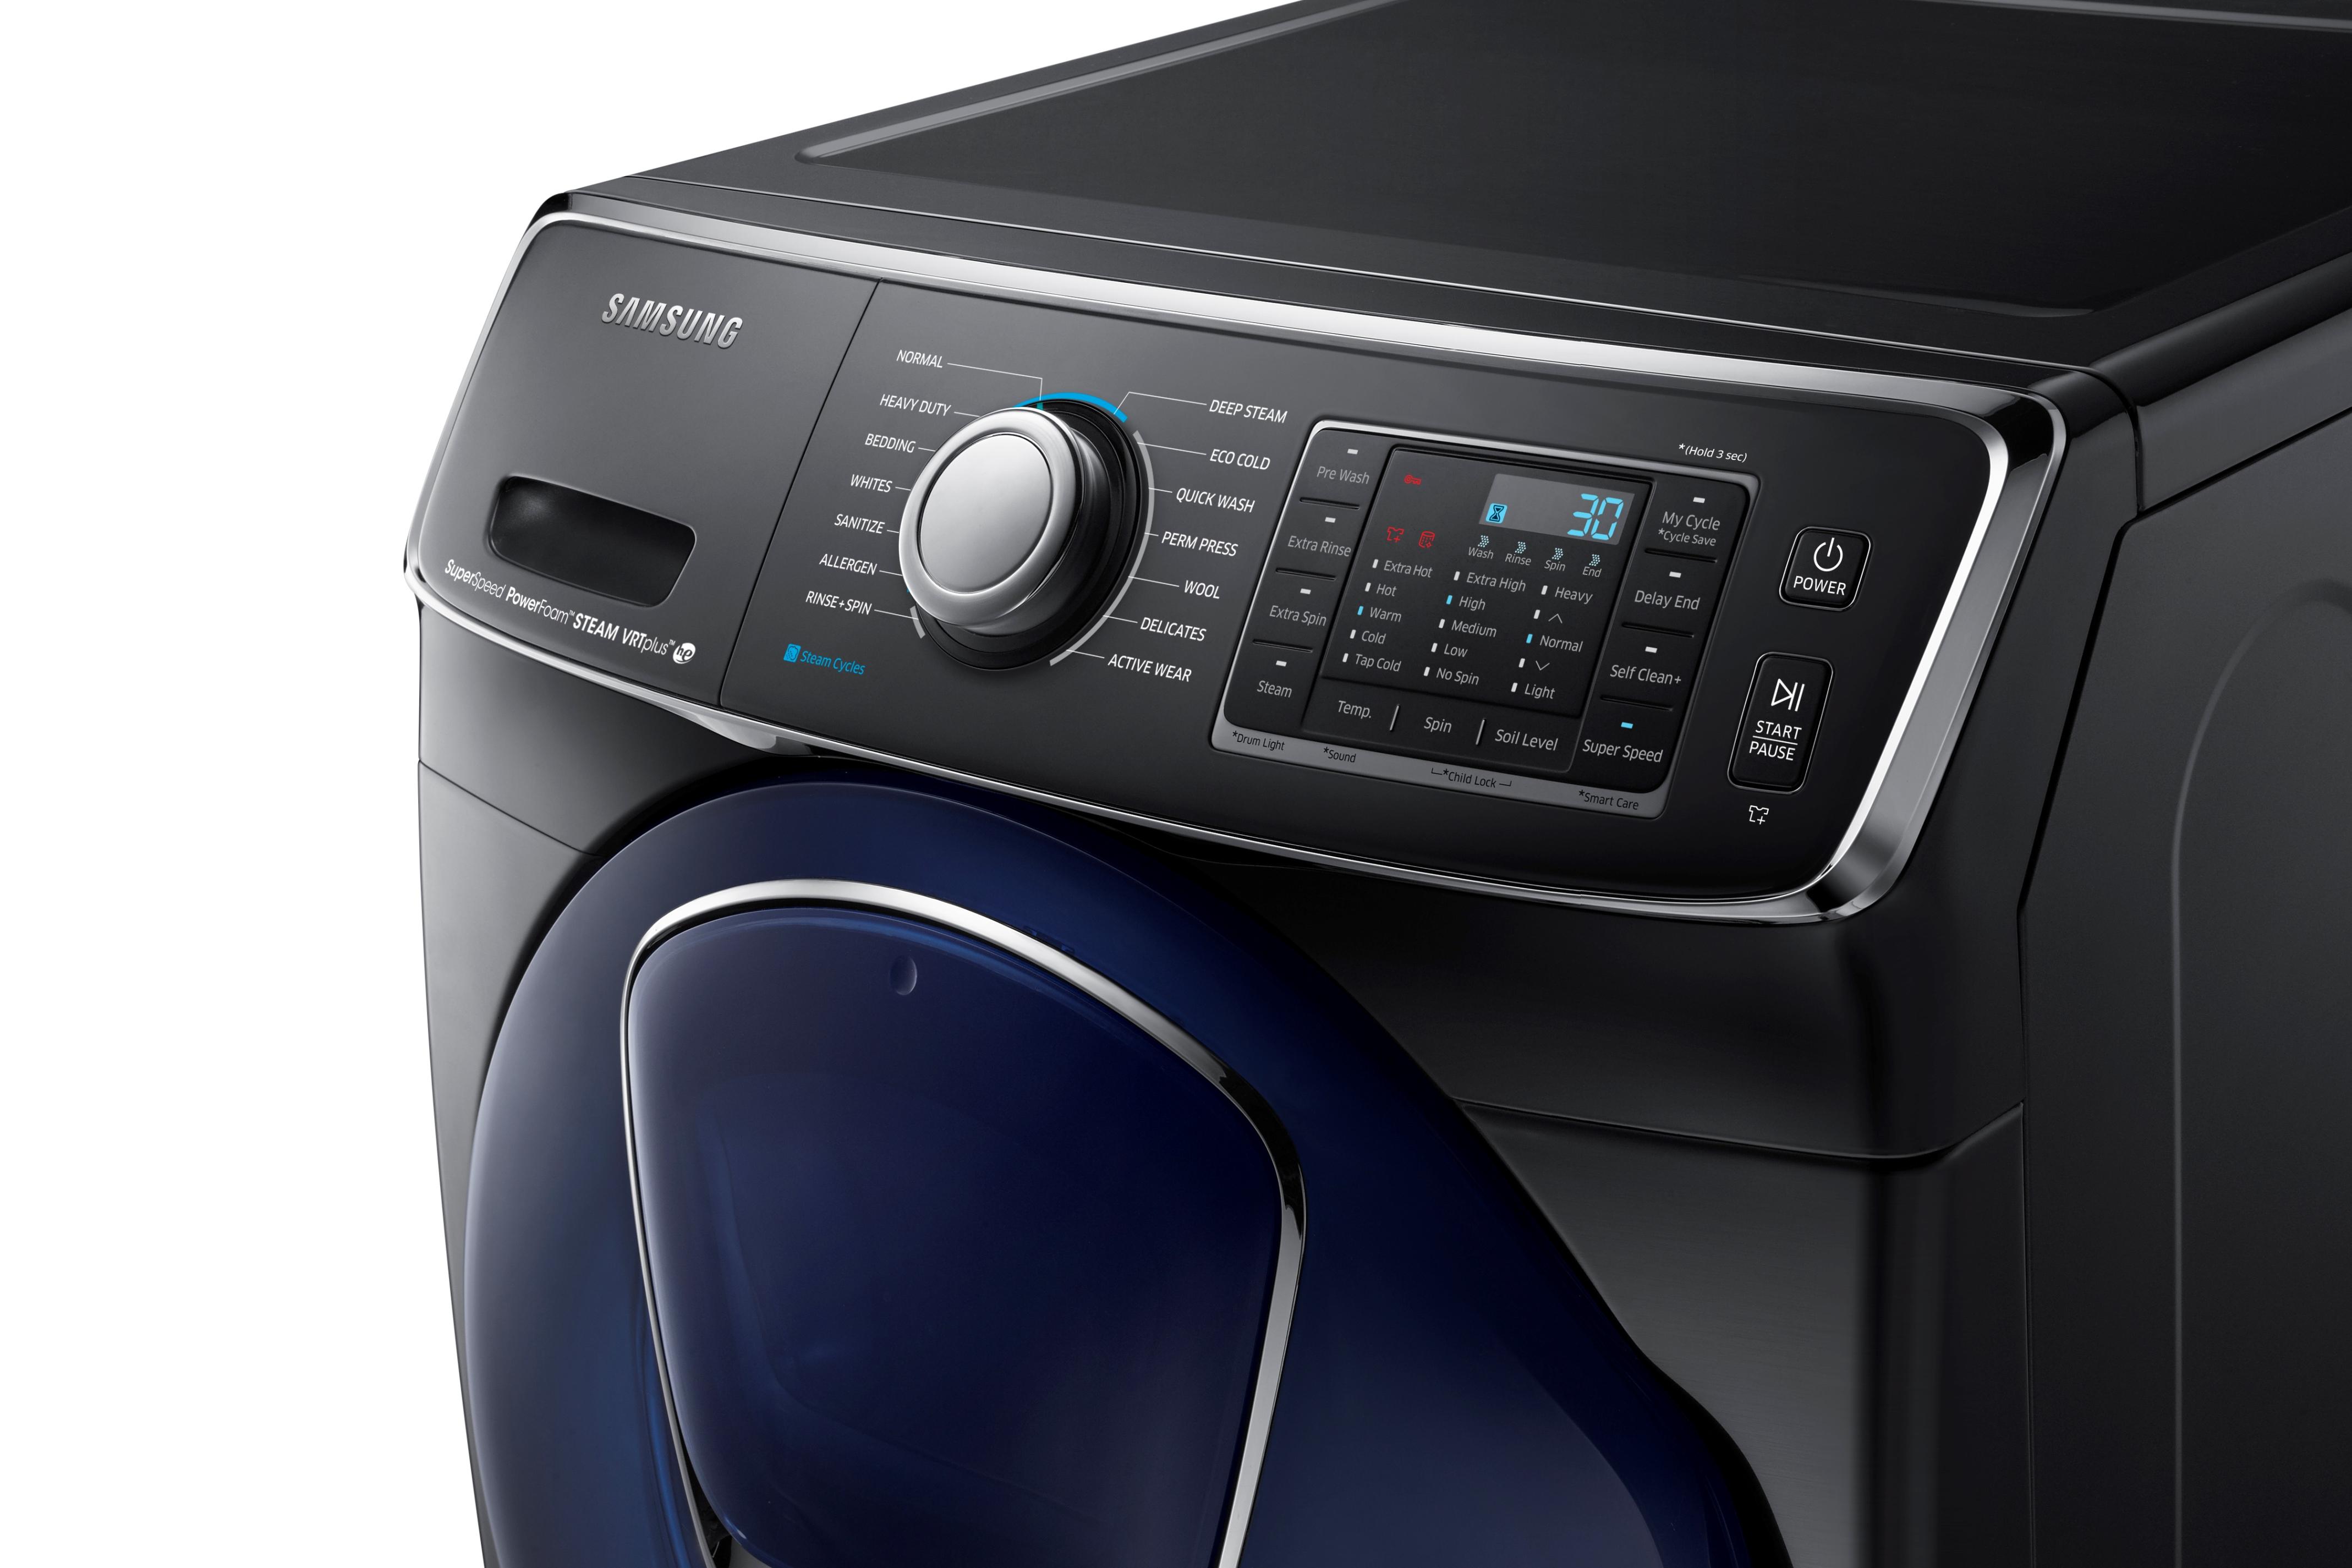 Samsung WF50K7500AV 5.0 cu. ft. AddWash™ Front Load Washer Black Stainless Steel